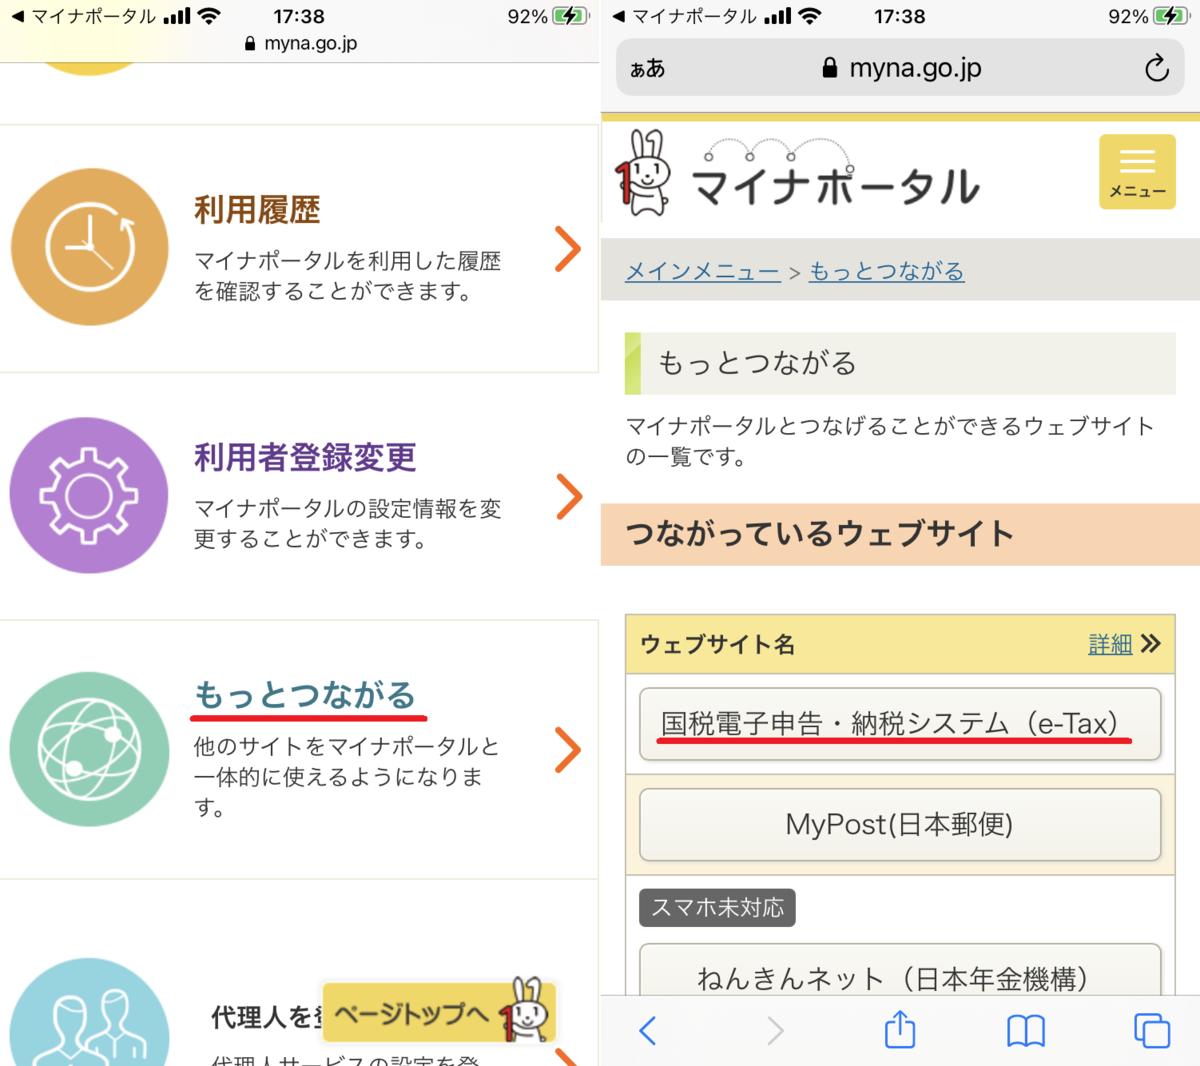 f:id:sasamatsu:20210215174319p:plain